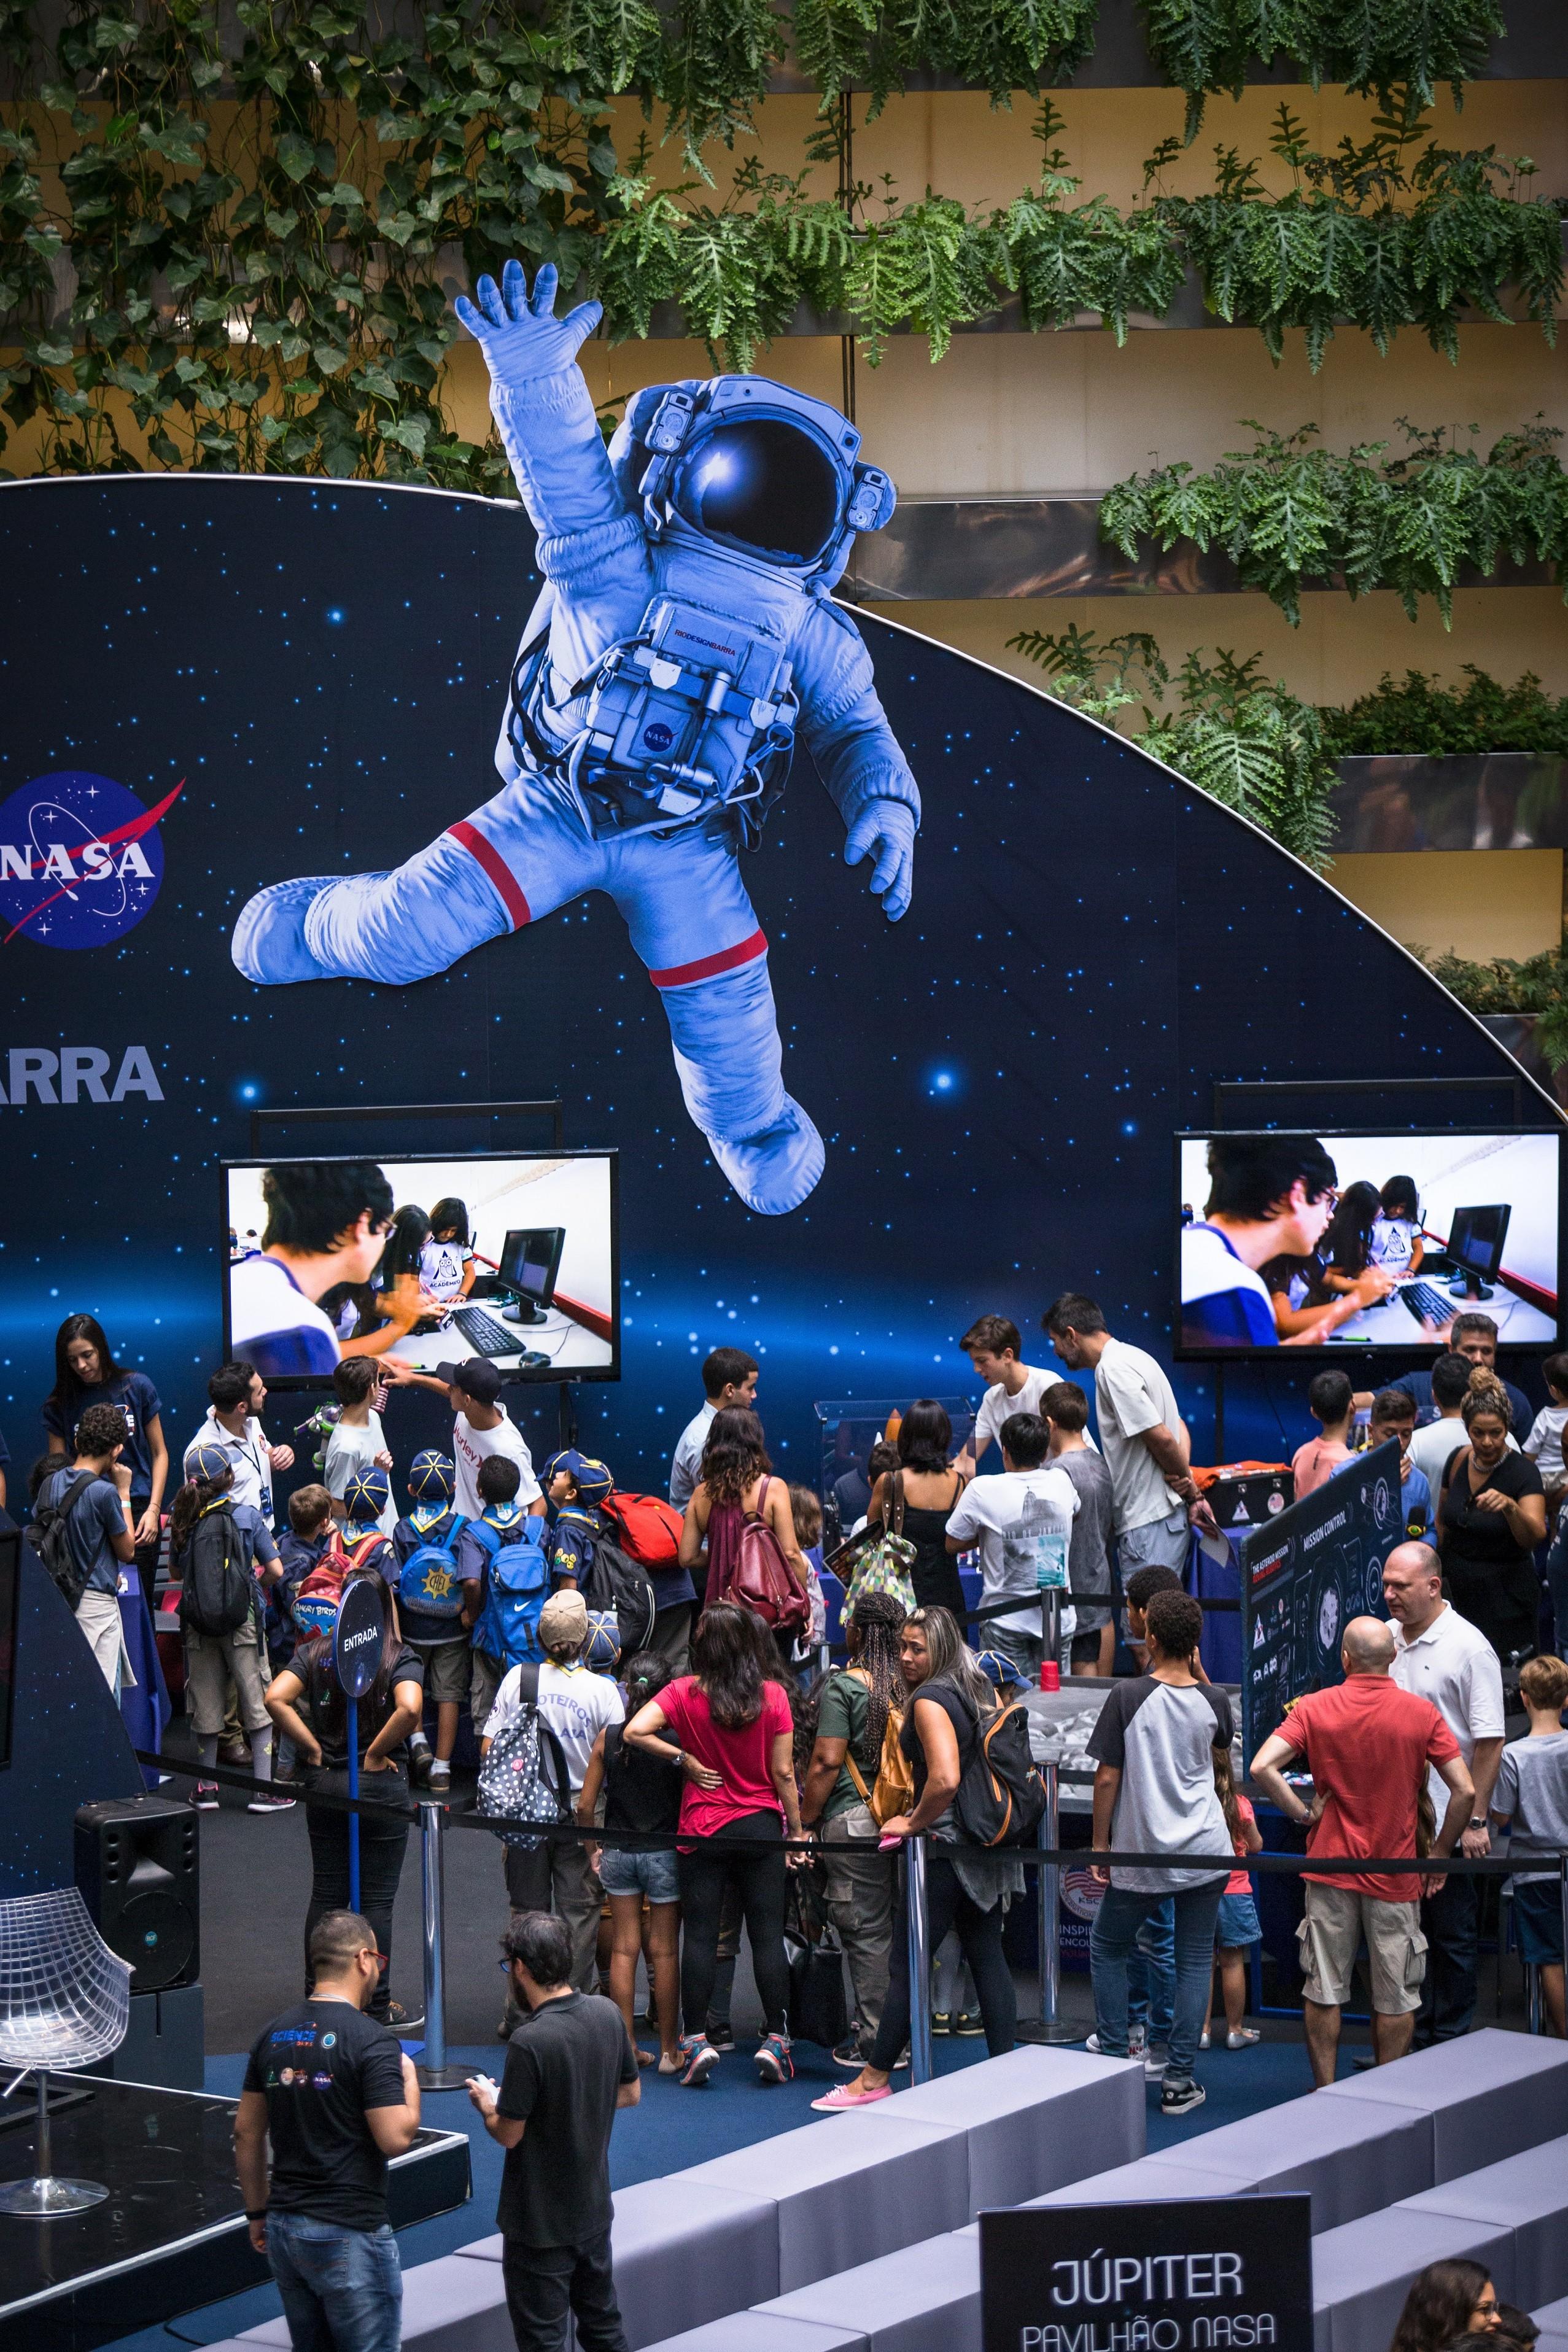 segunda edição do NASA Science Days ocorre em shopping de todo Brasil  (Foto: Divulgação)